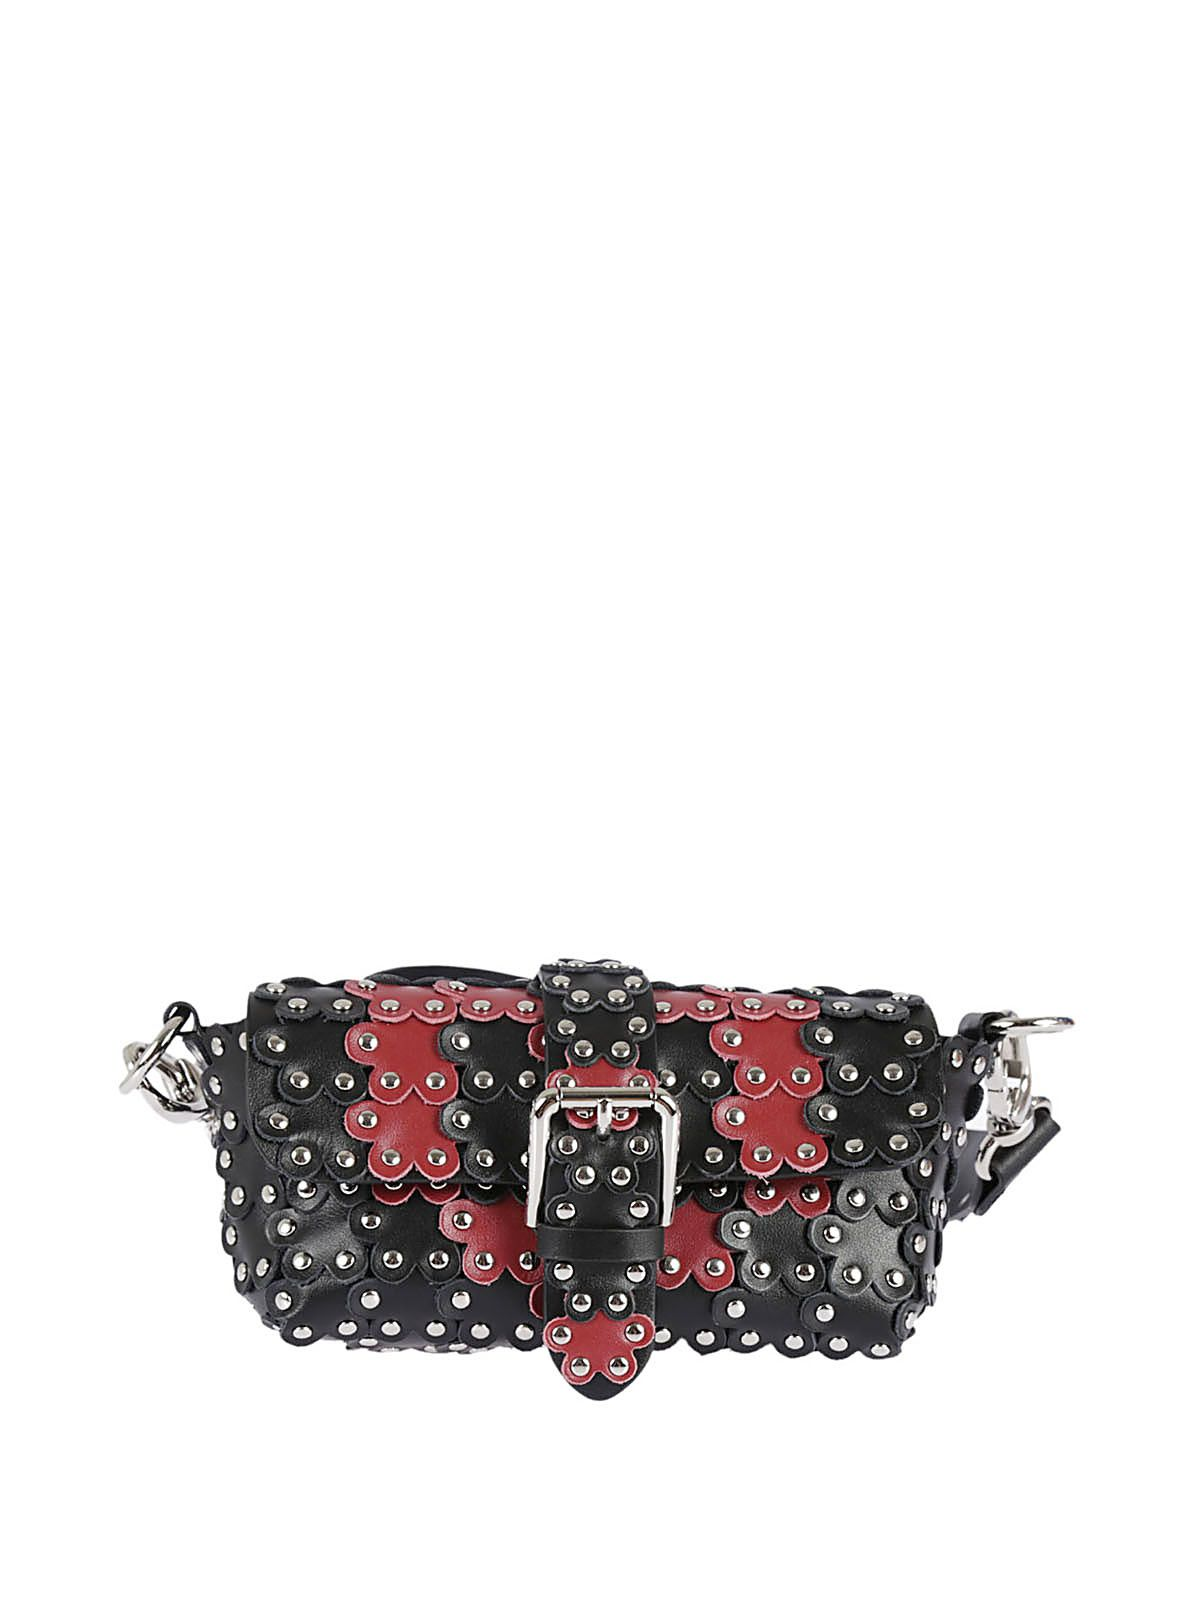 Red Valentino Studded Shoulder Bag